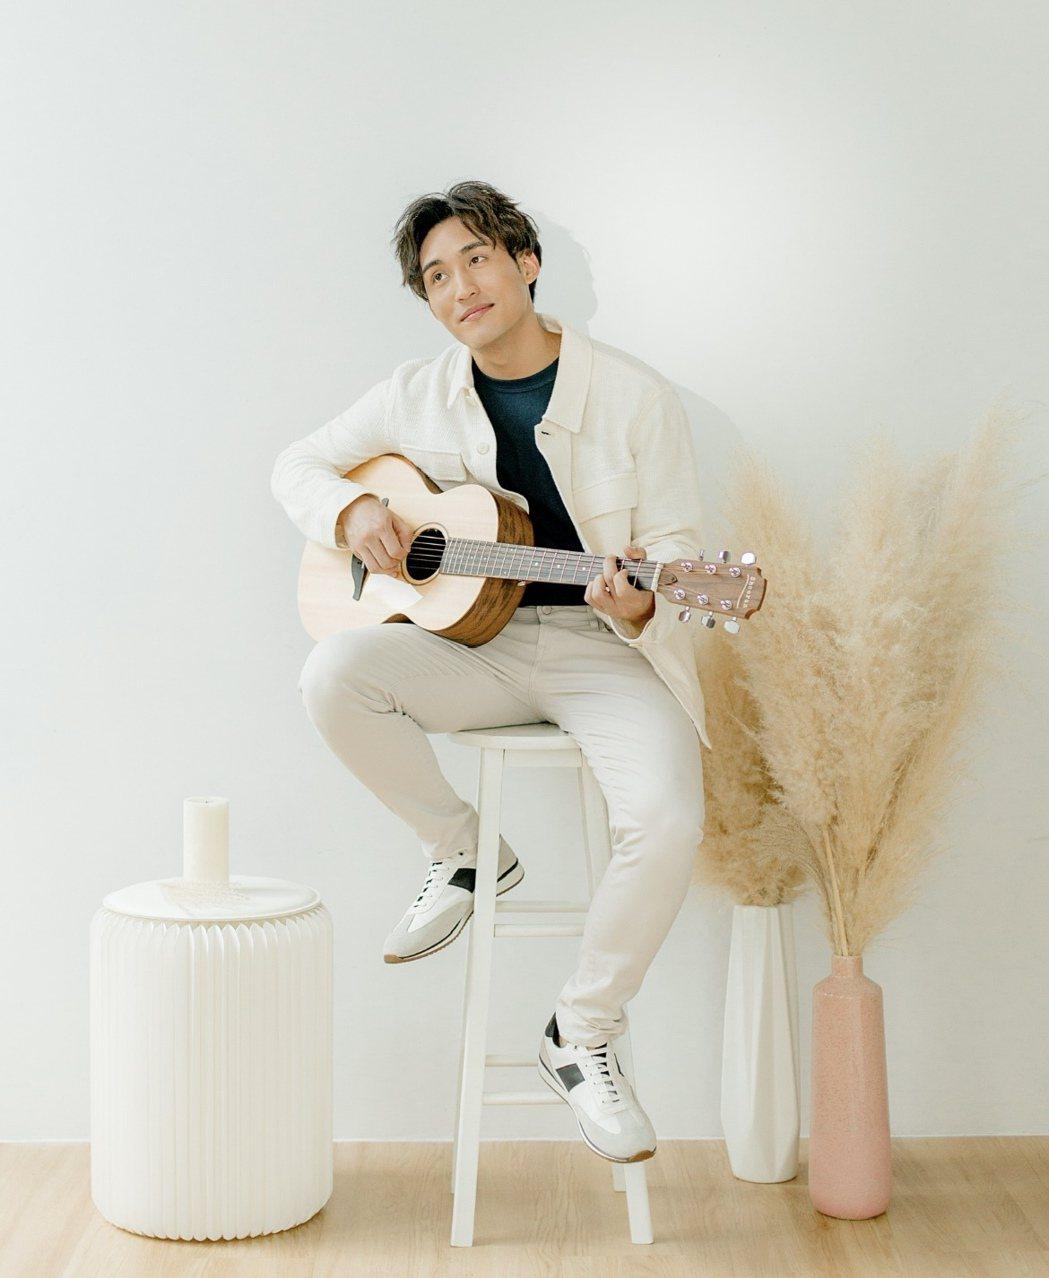 「星國言承旭」李俊緯29歲生日推出首張個人專輯。圖/李俊緯提供